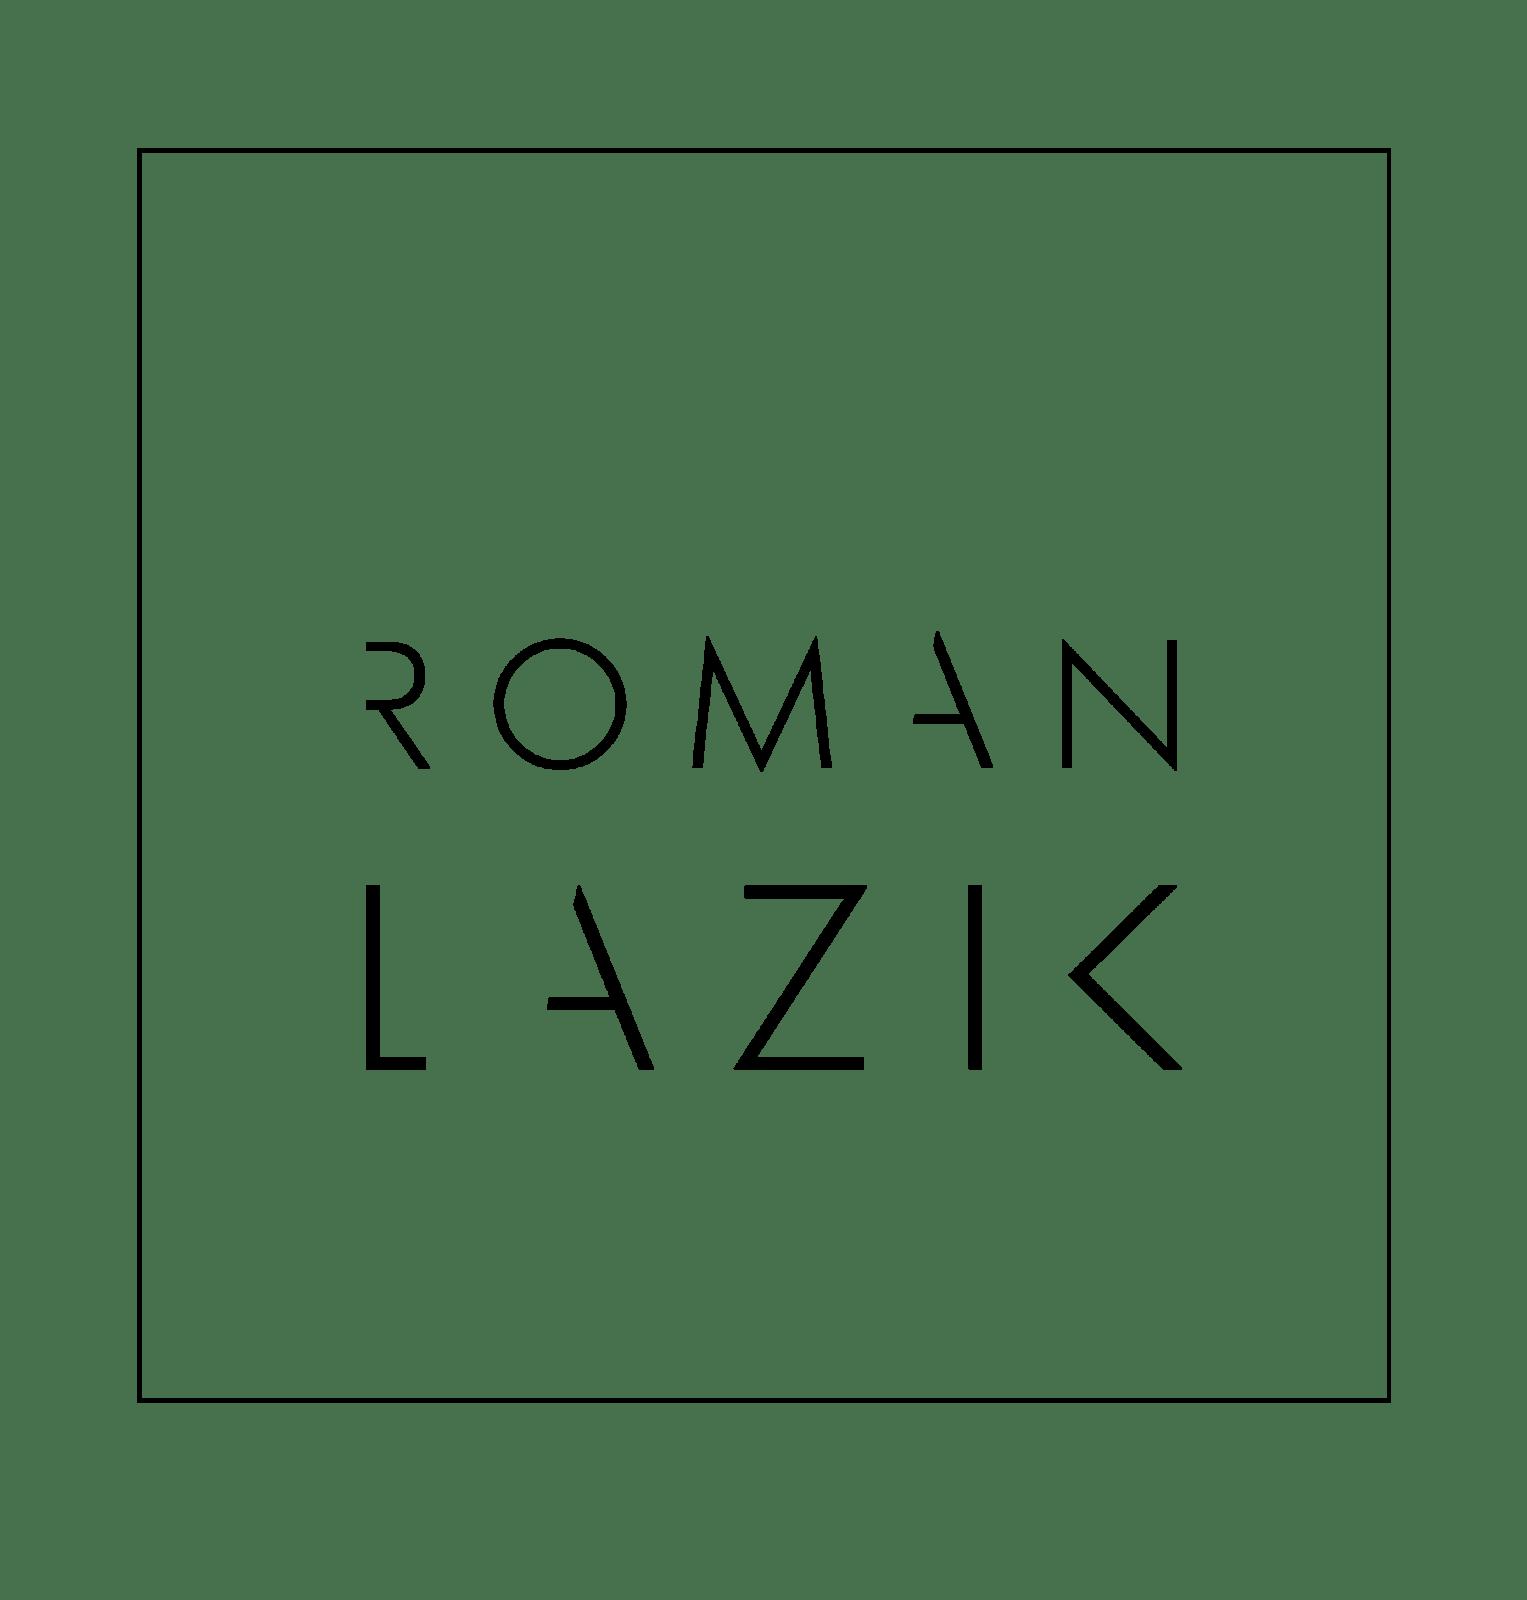 Webstránka pre portfólio umelca - Roman Lazik 4